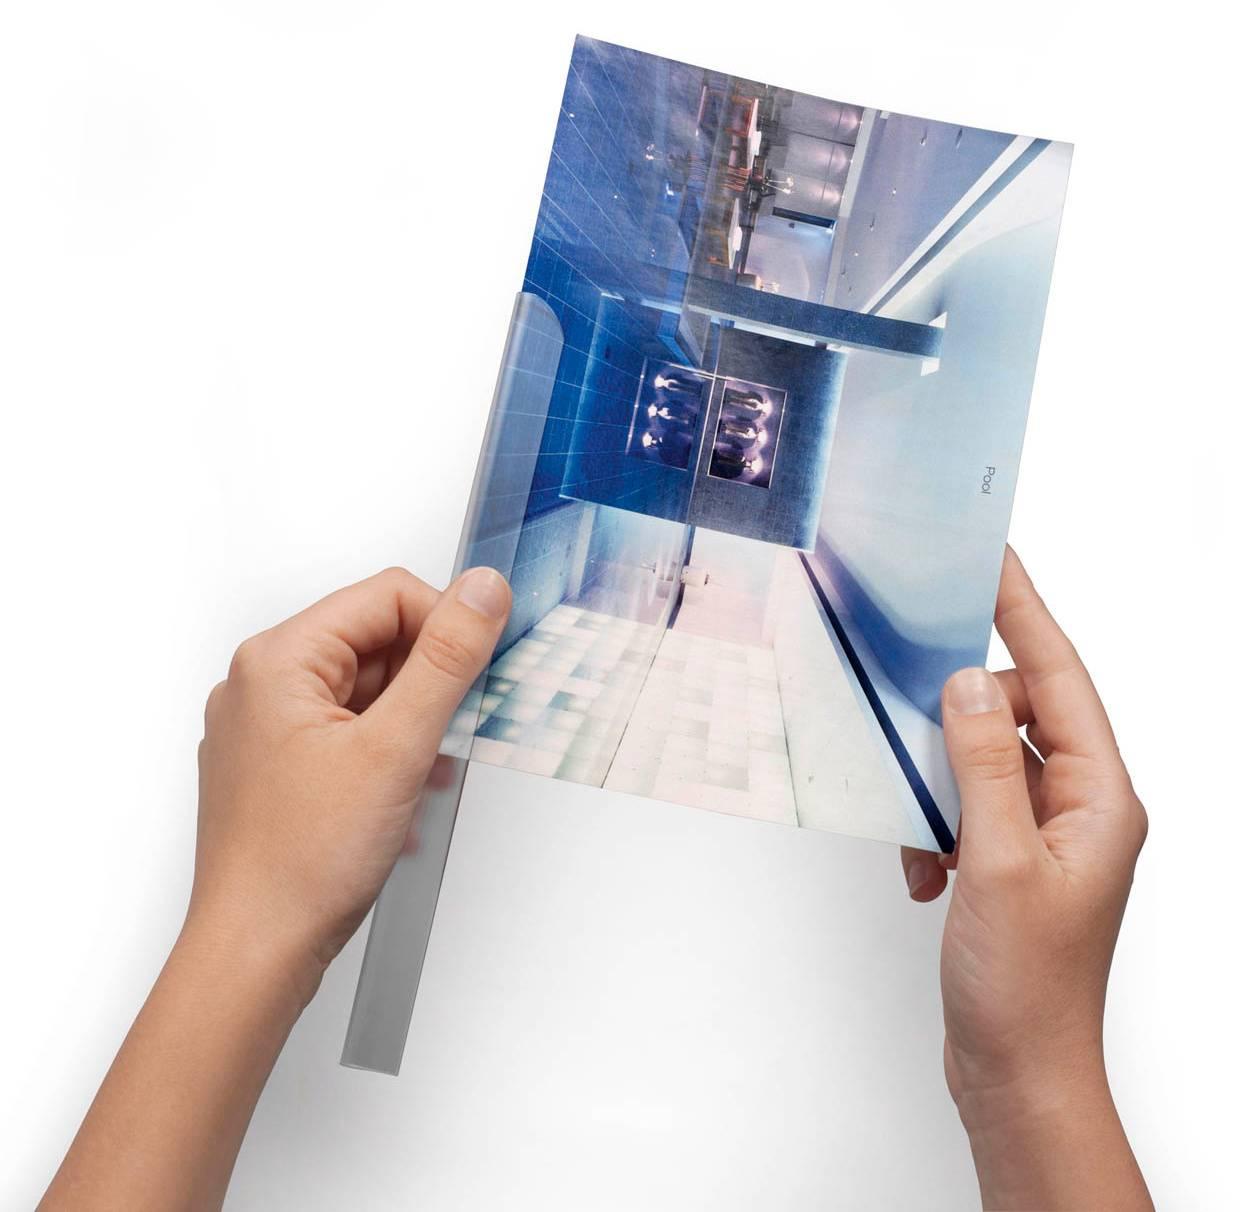 Скрепкошина для сшивания документов Durable 2910-19 30листов A5 прозрачный - фото 2